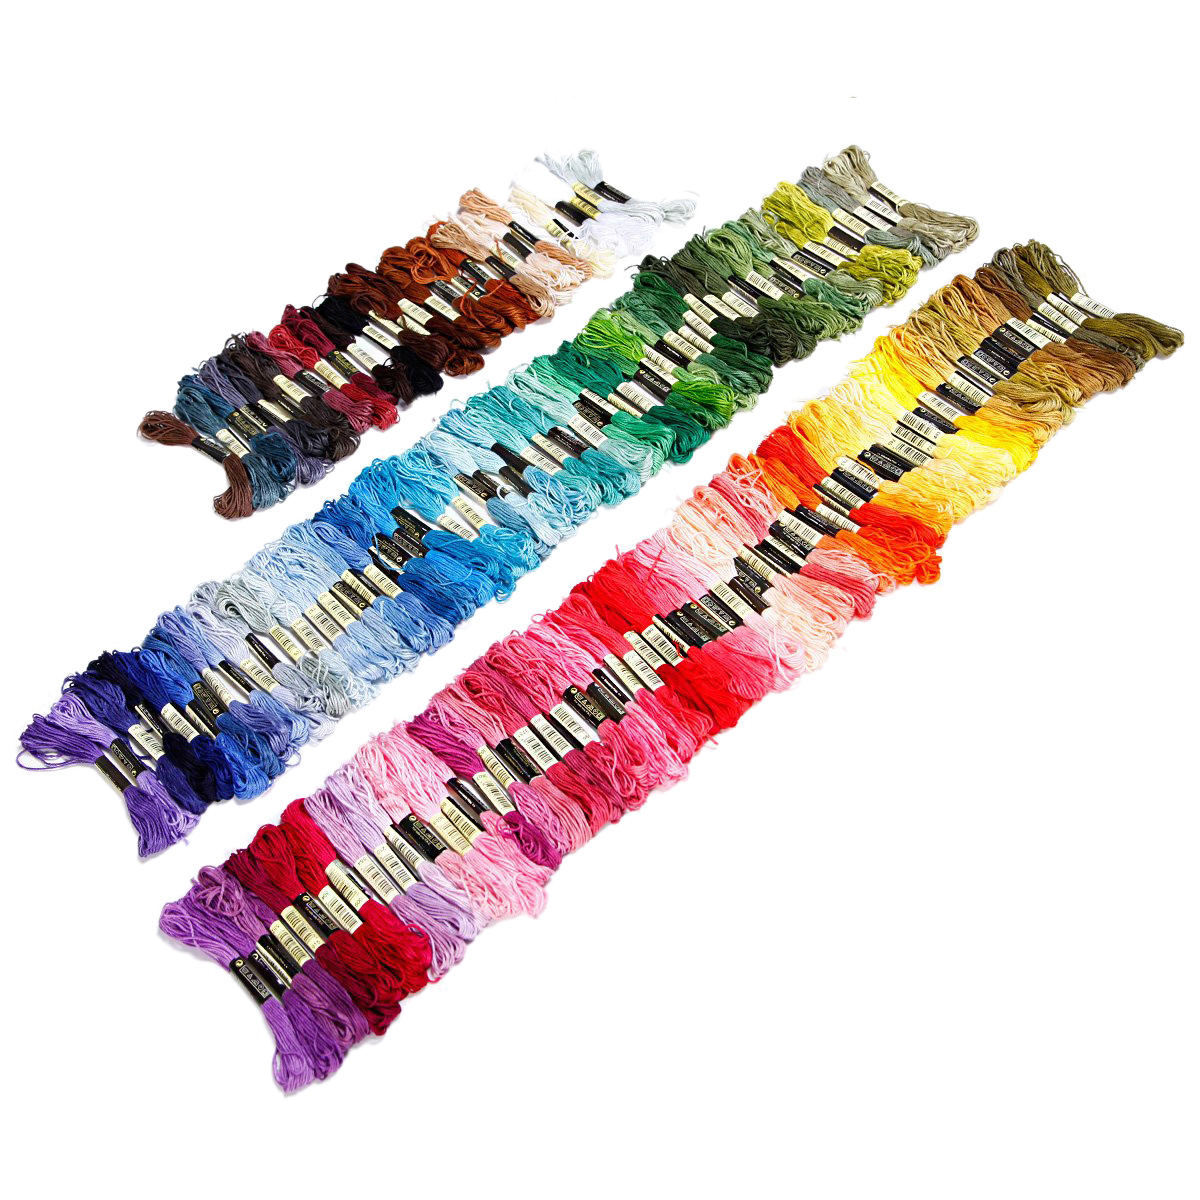 UESH-150 madejas de multicolor hilo de bordado para punto de cruz